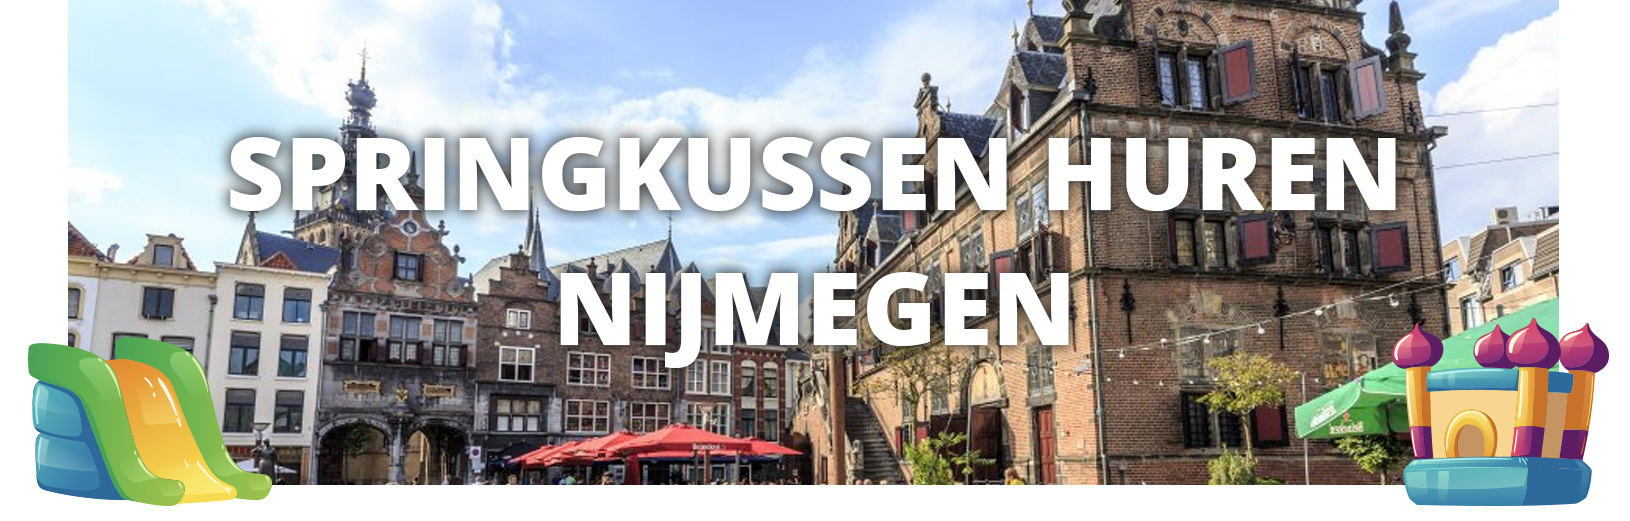 Springkussen huren Nijmegen